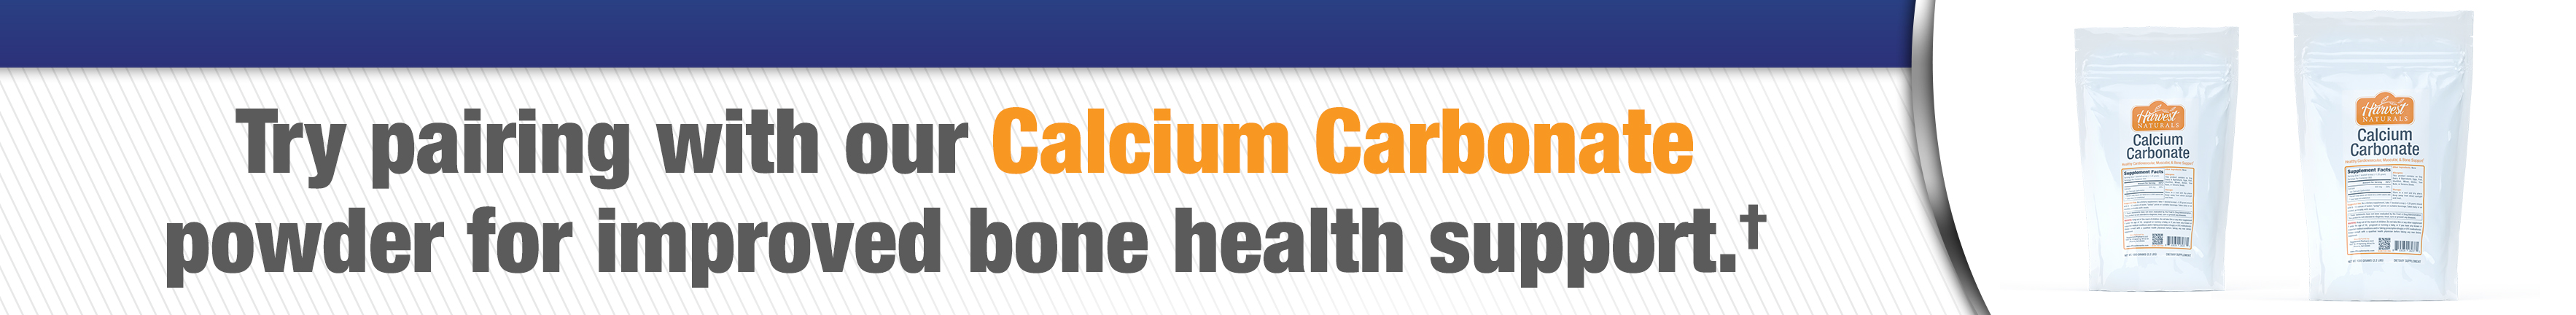 calcium-carbonate-consider-10-21.jpg